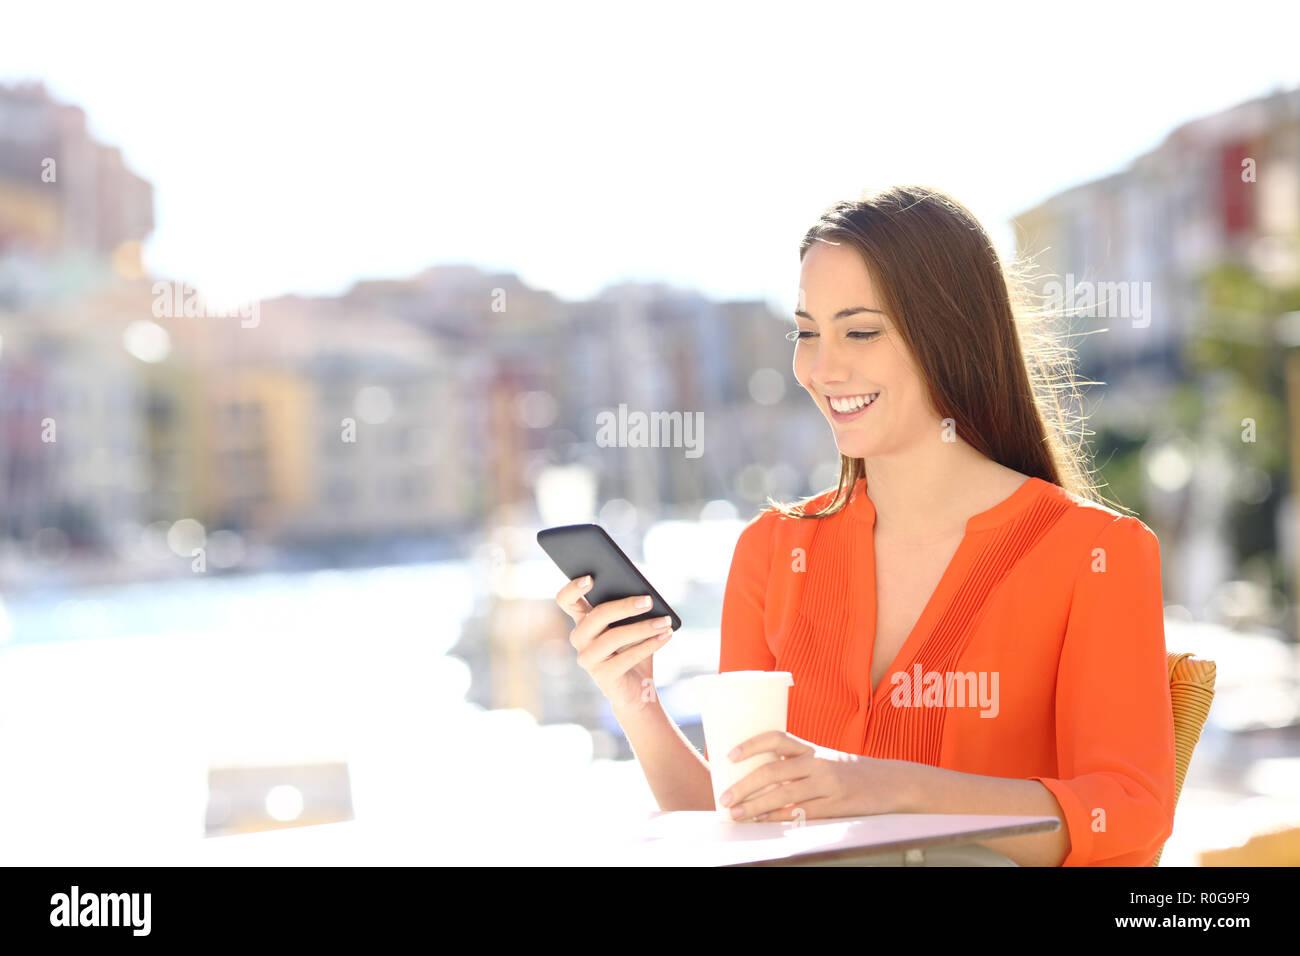 Felice lady utilizza un telefono intelligente in un caffè di una città costiera in vacanza Immagini Stock